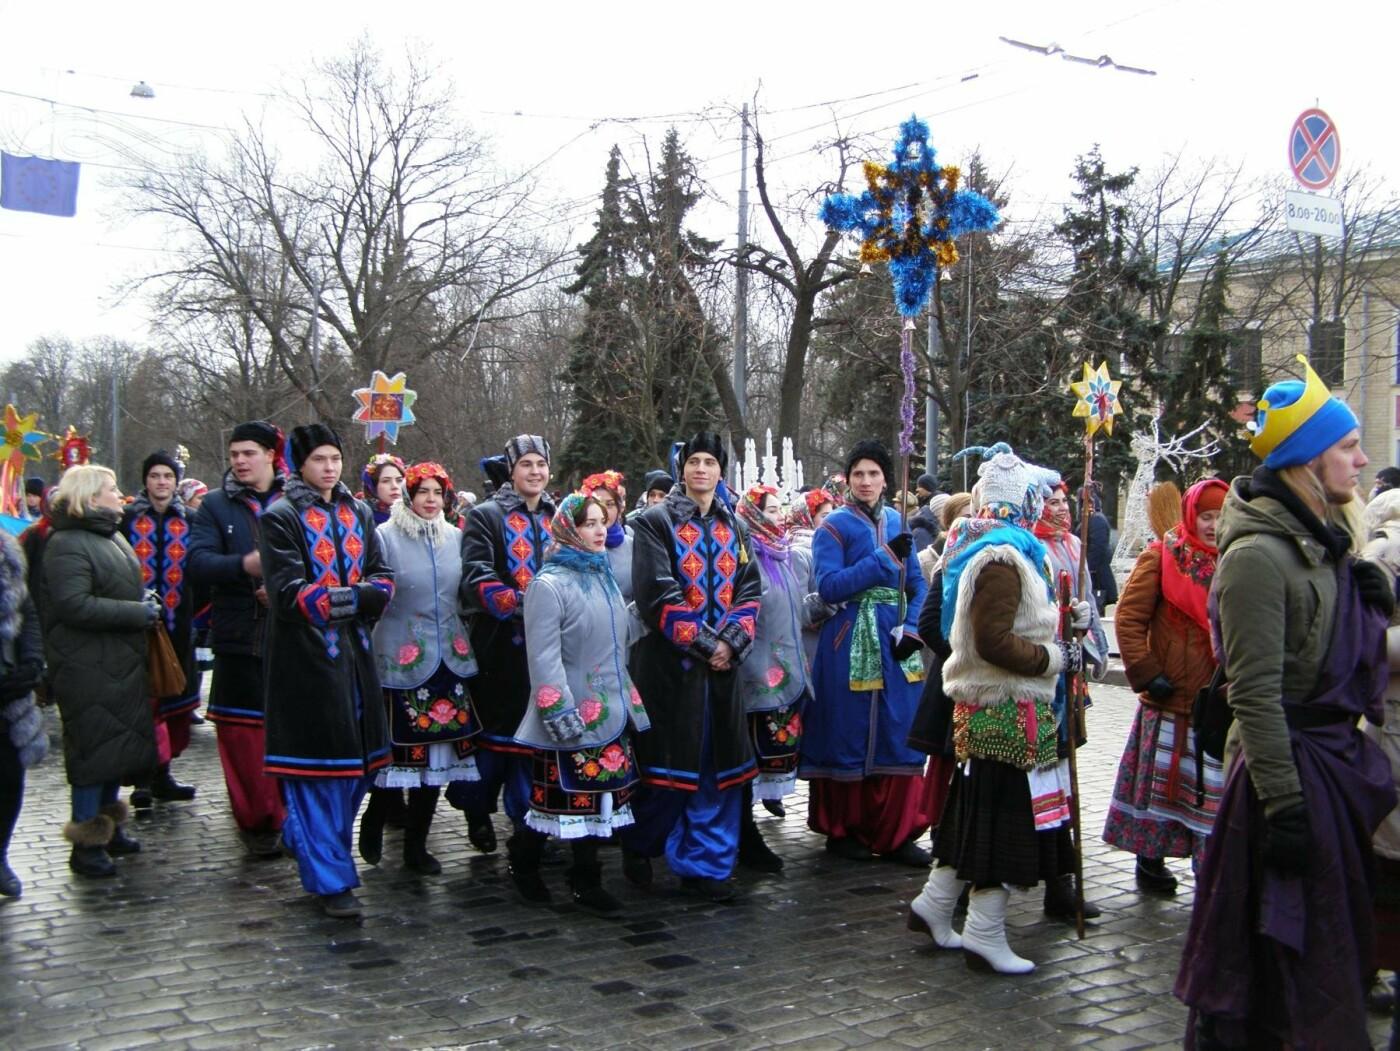 Харьков заполонили ангелы, козы и черти: в городе прошел масштабный фестиваль вертепов (ФОТО), фото-23